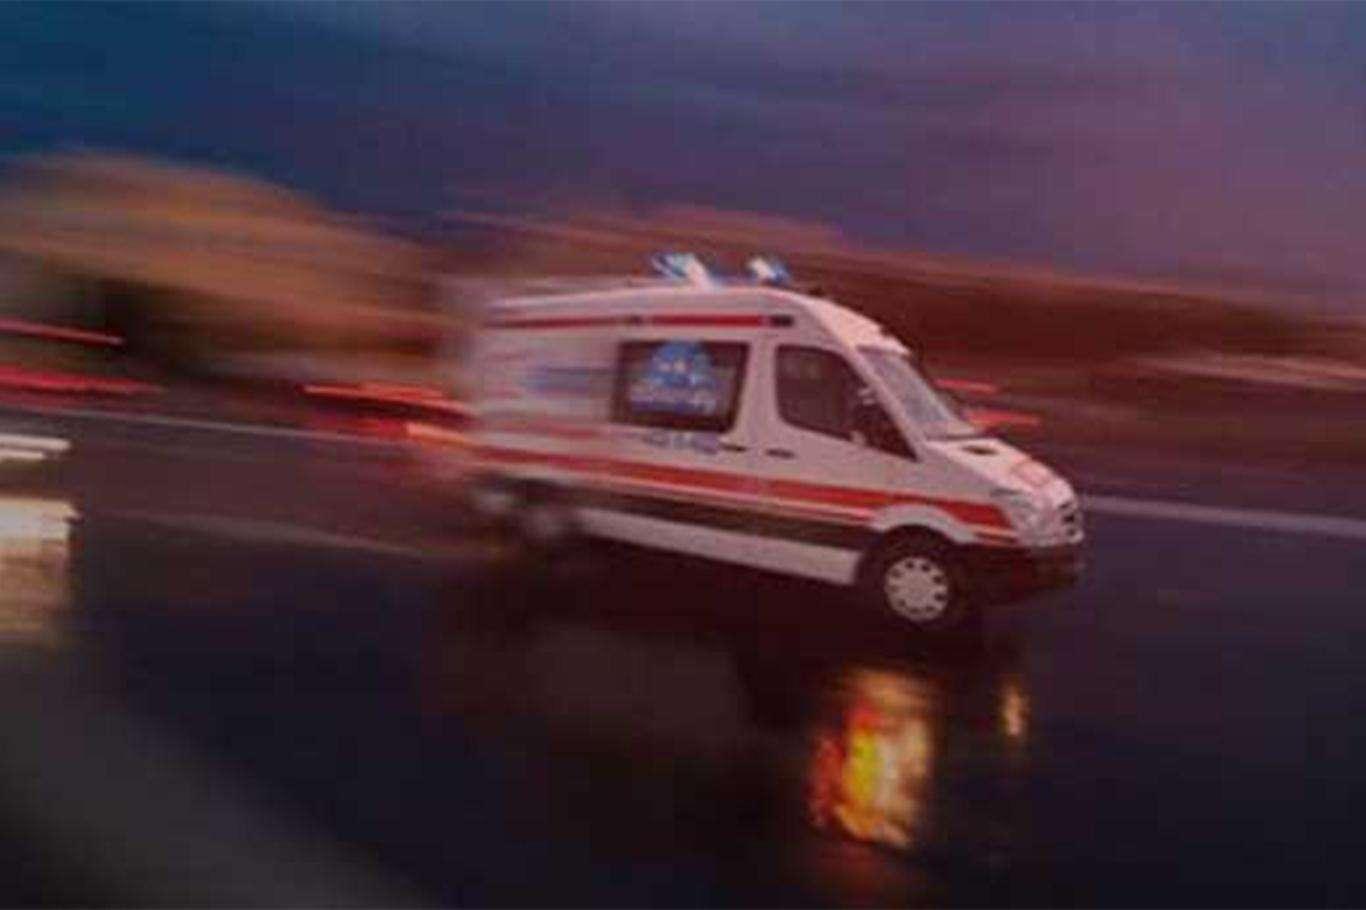 Trafik Kazasında Yaralanan 12 Yaşındaki Sude Sesveren Yaşamını Kaybetti